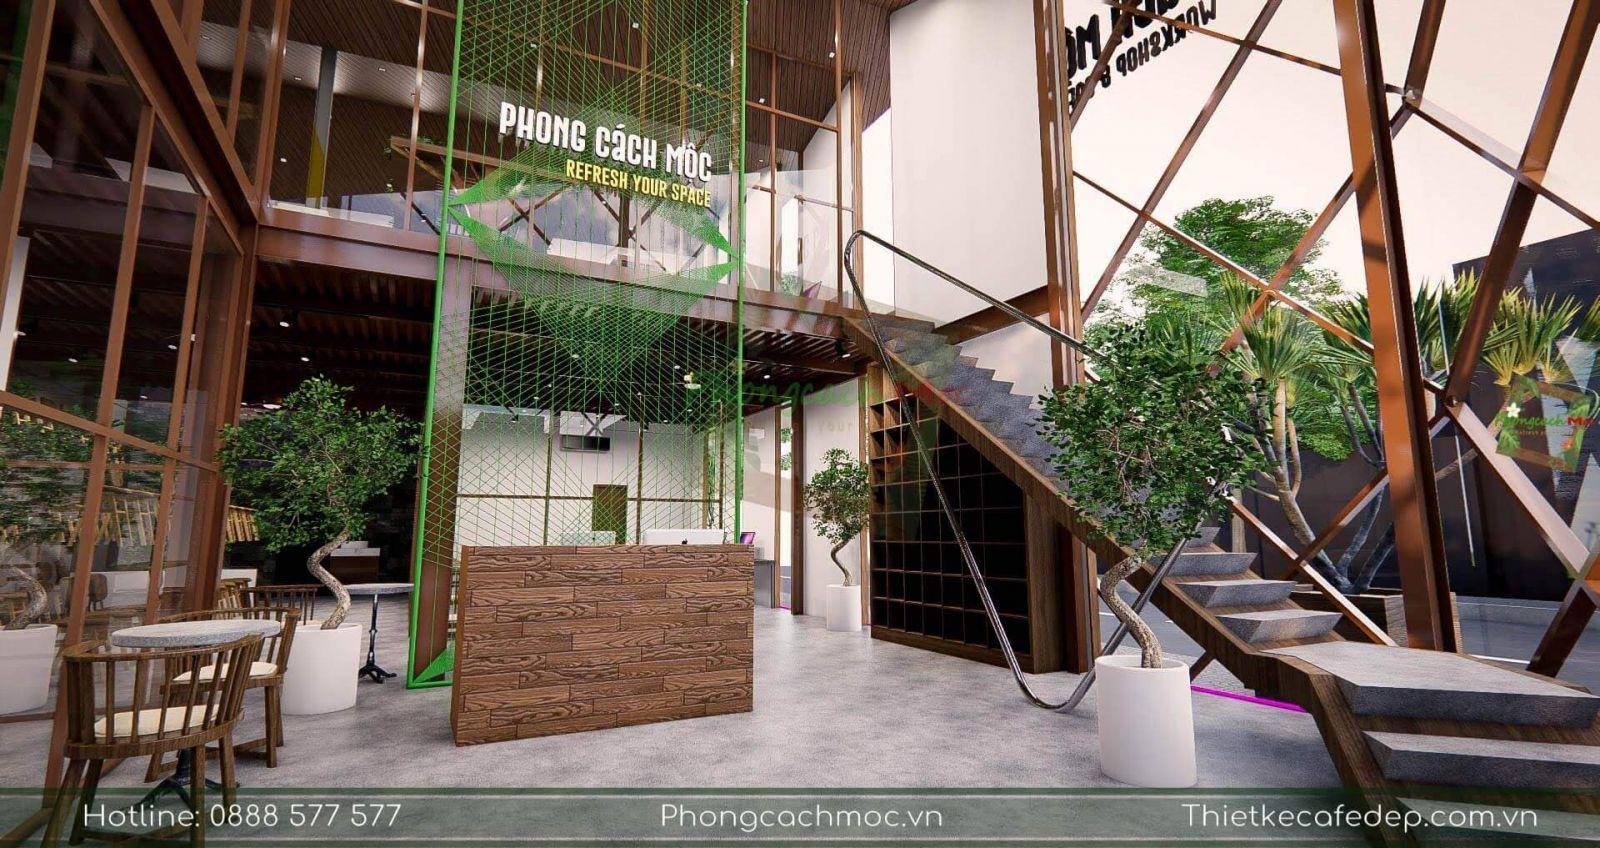 thiết kế không gian tầng 1 văn phòng pcm